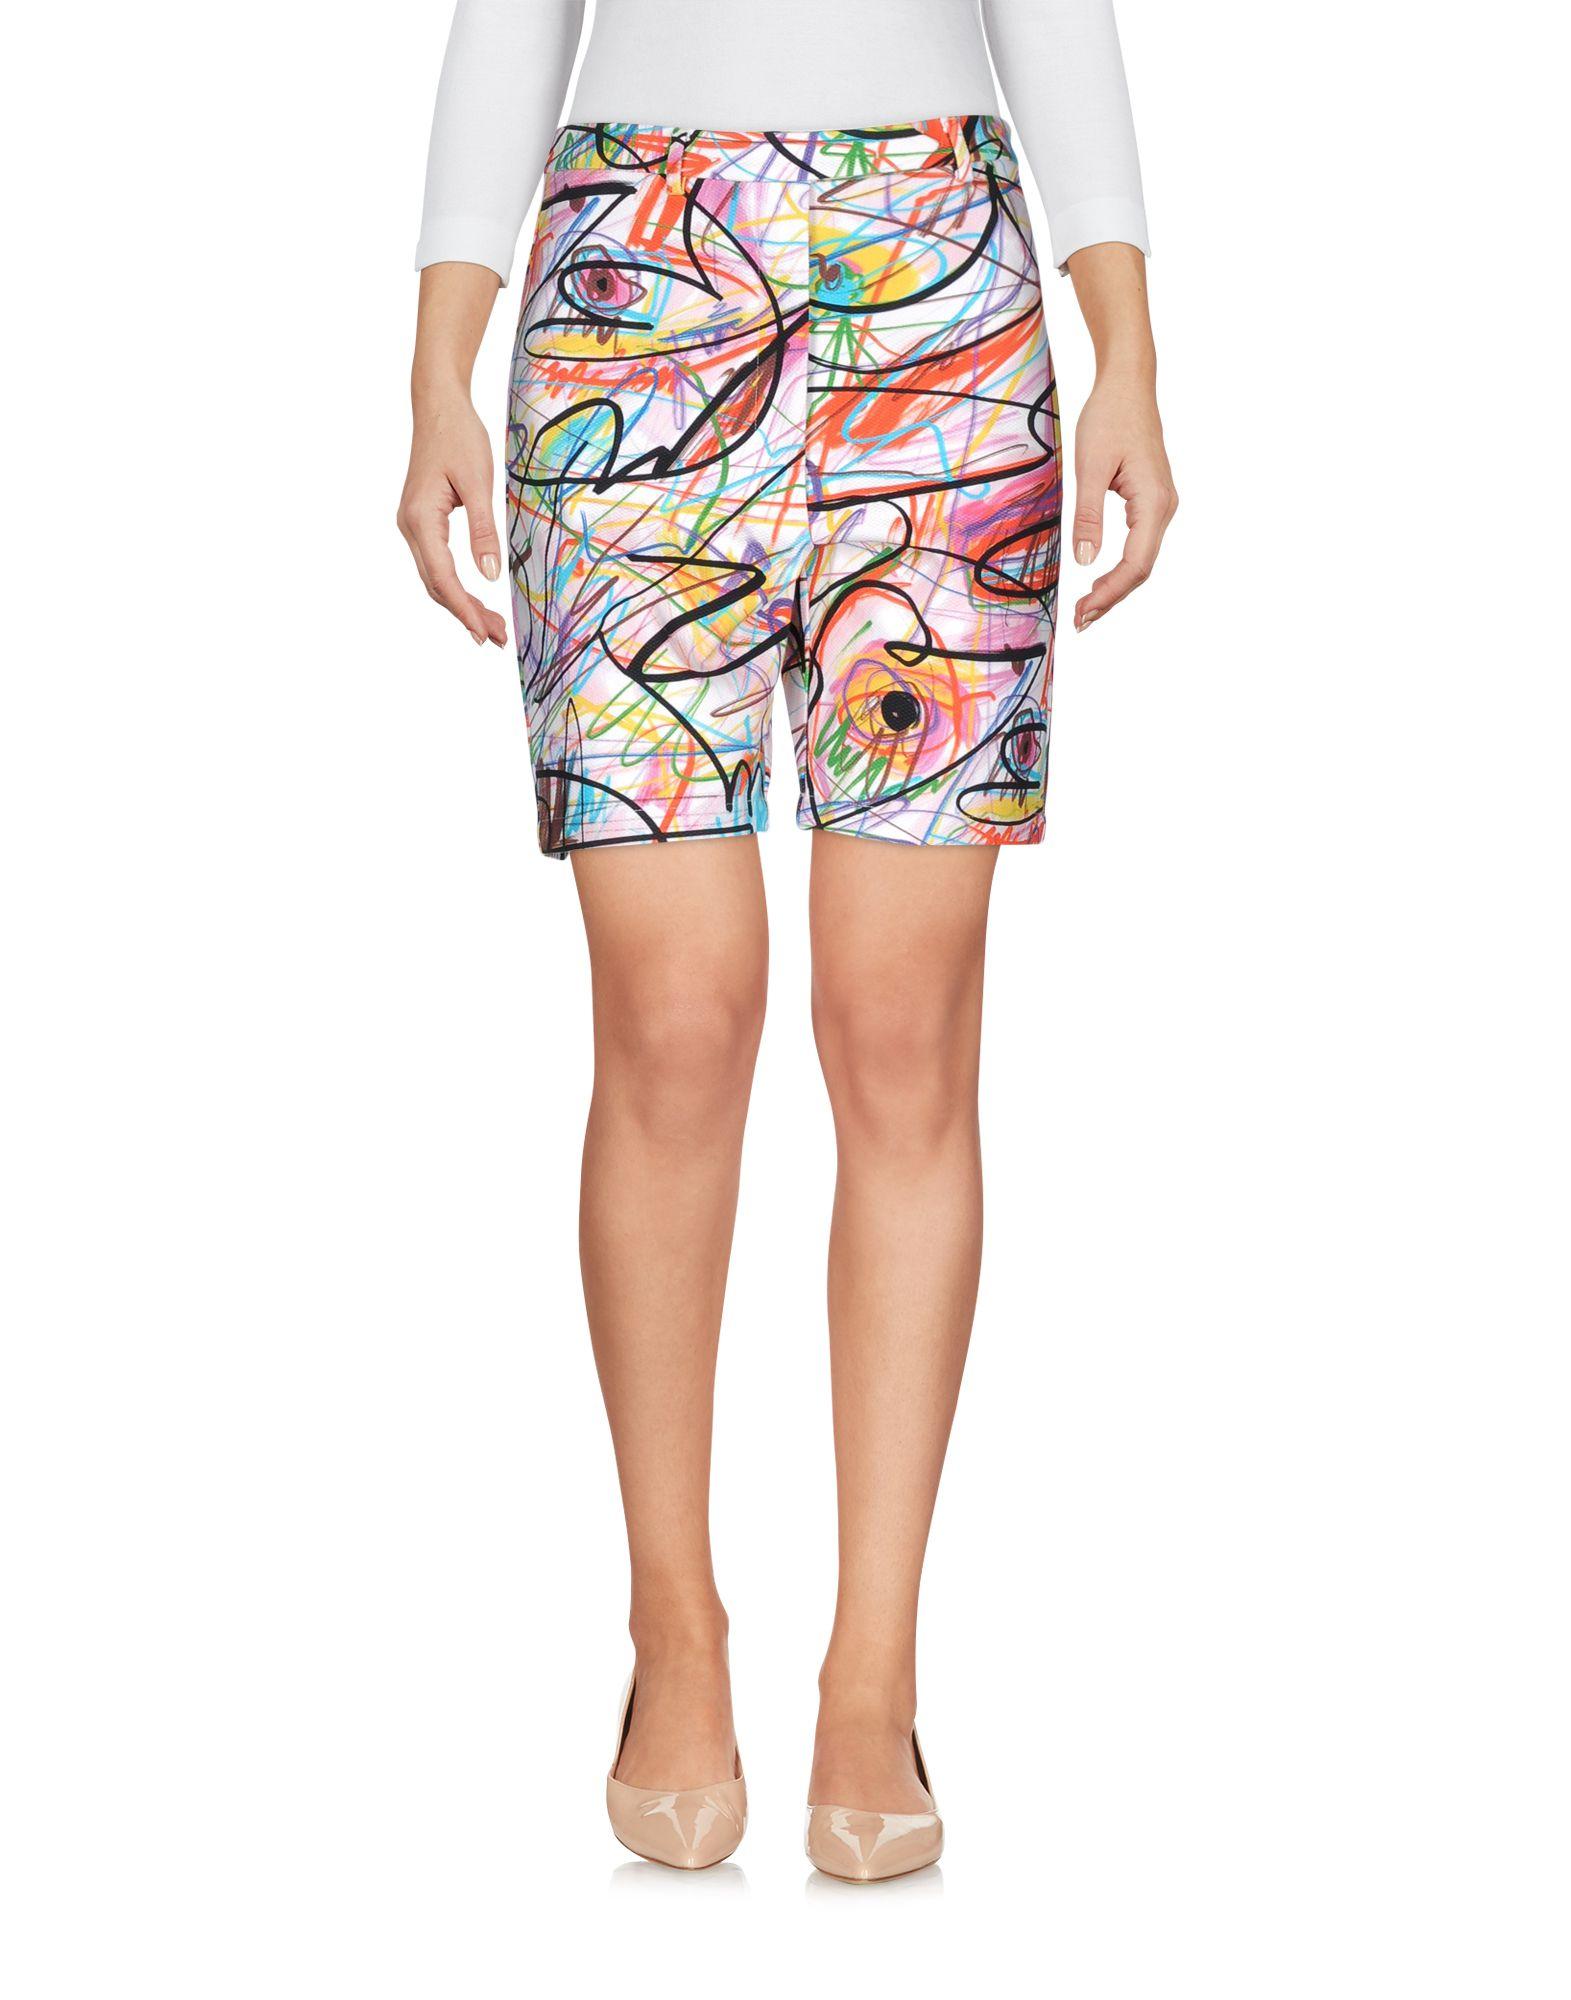 JEREMY SCOTT Damen Bermudashorts Farbe Hellrosa Größe 4 jetztbilligerkaufen